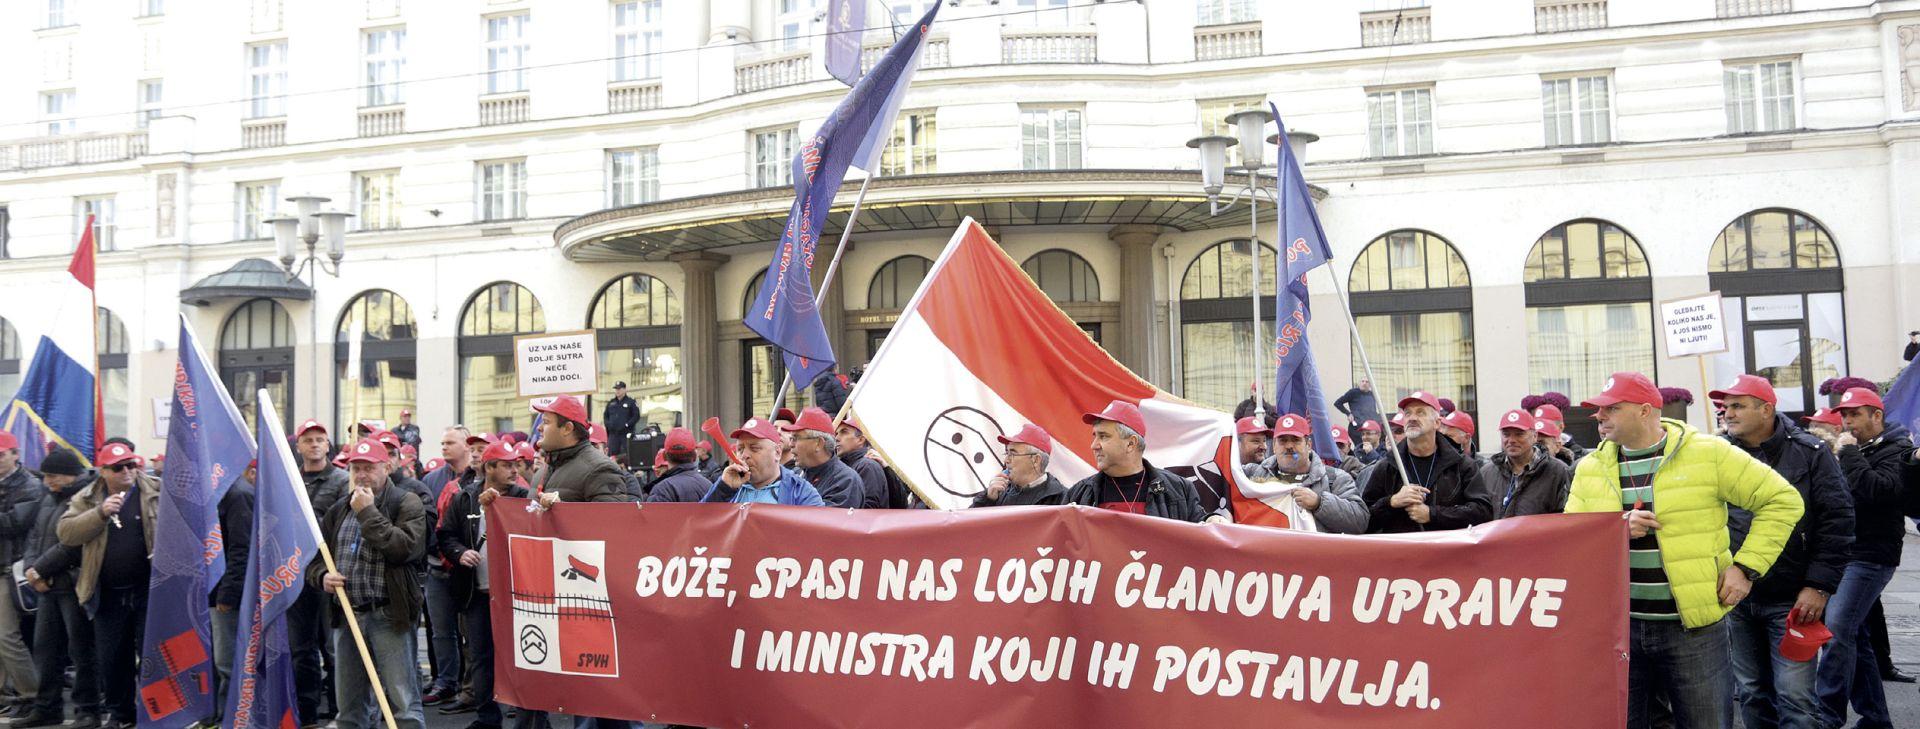 EKSKLUZIVNI DOKUMENTI: Što sadrži plan za smanjivanje napuhanih prava osiljenih sindikalnih predstavnika